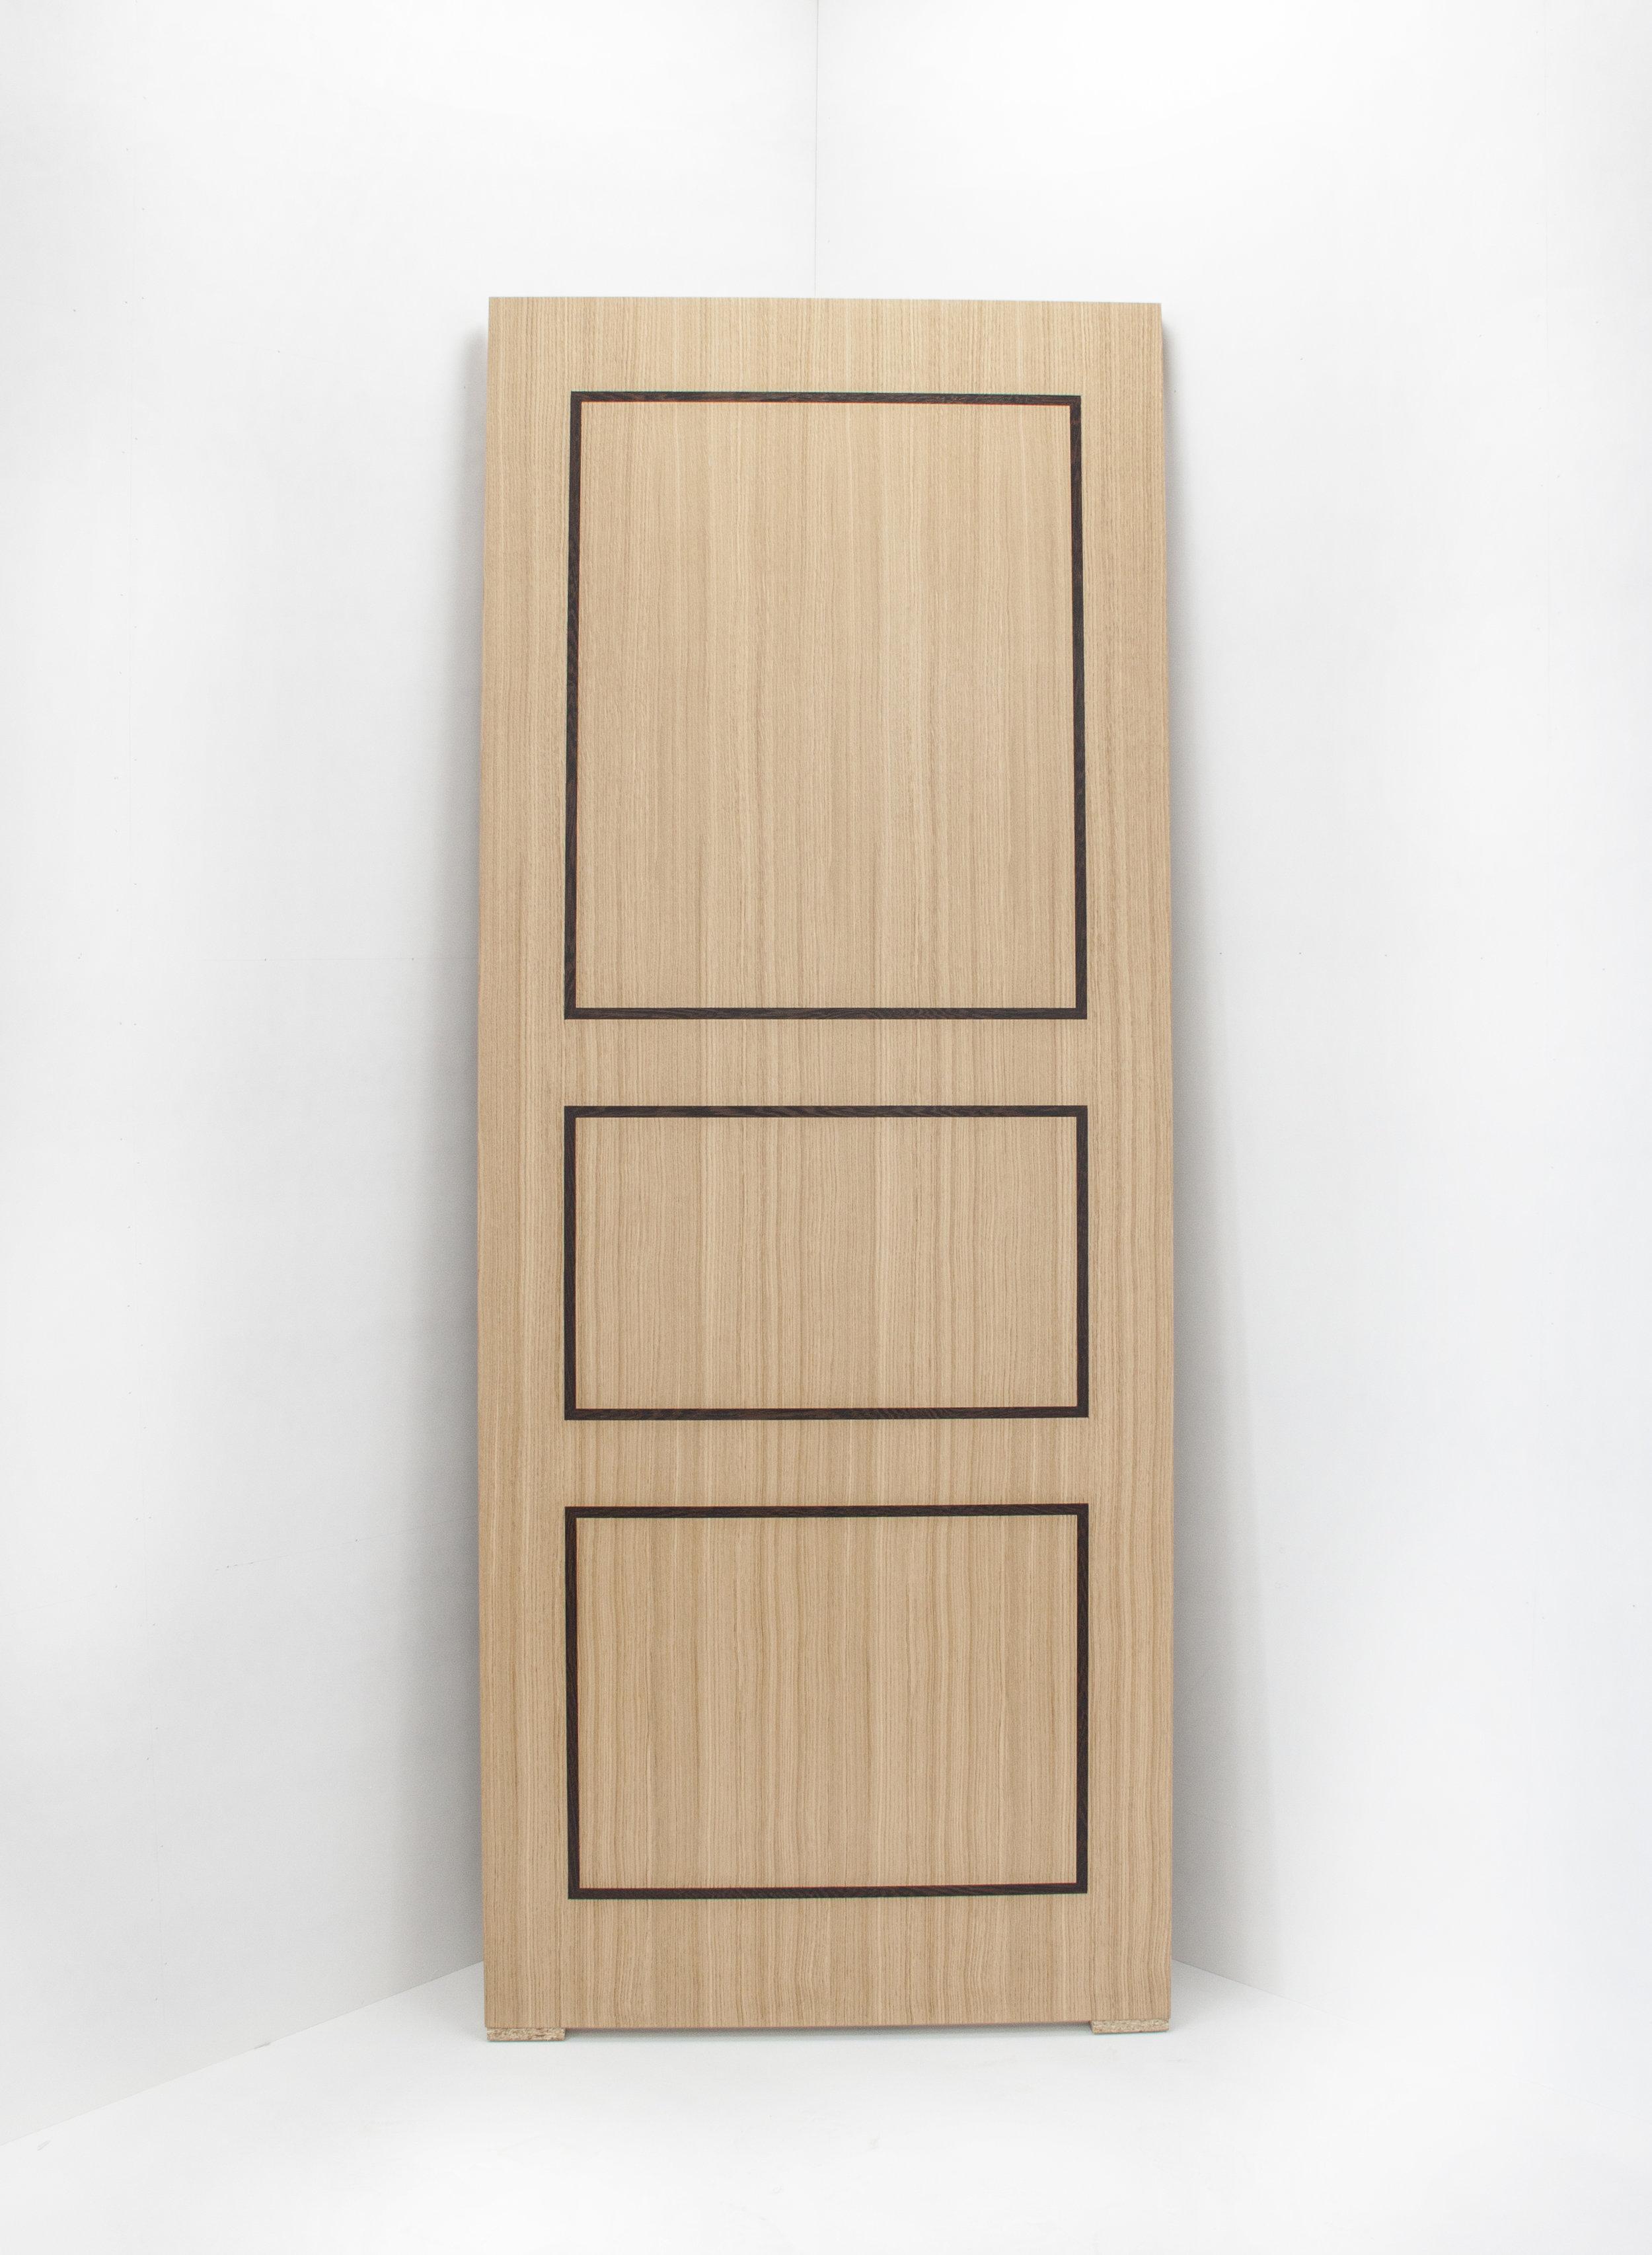 Quarter Cut European Oak door with Wenge inlay